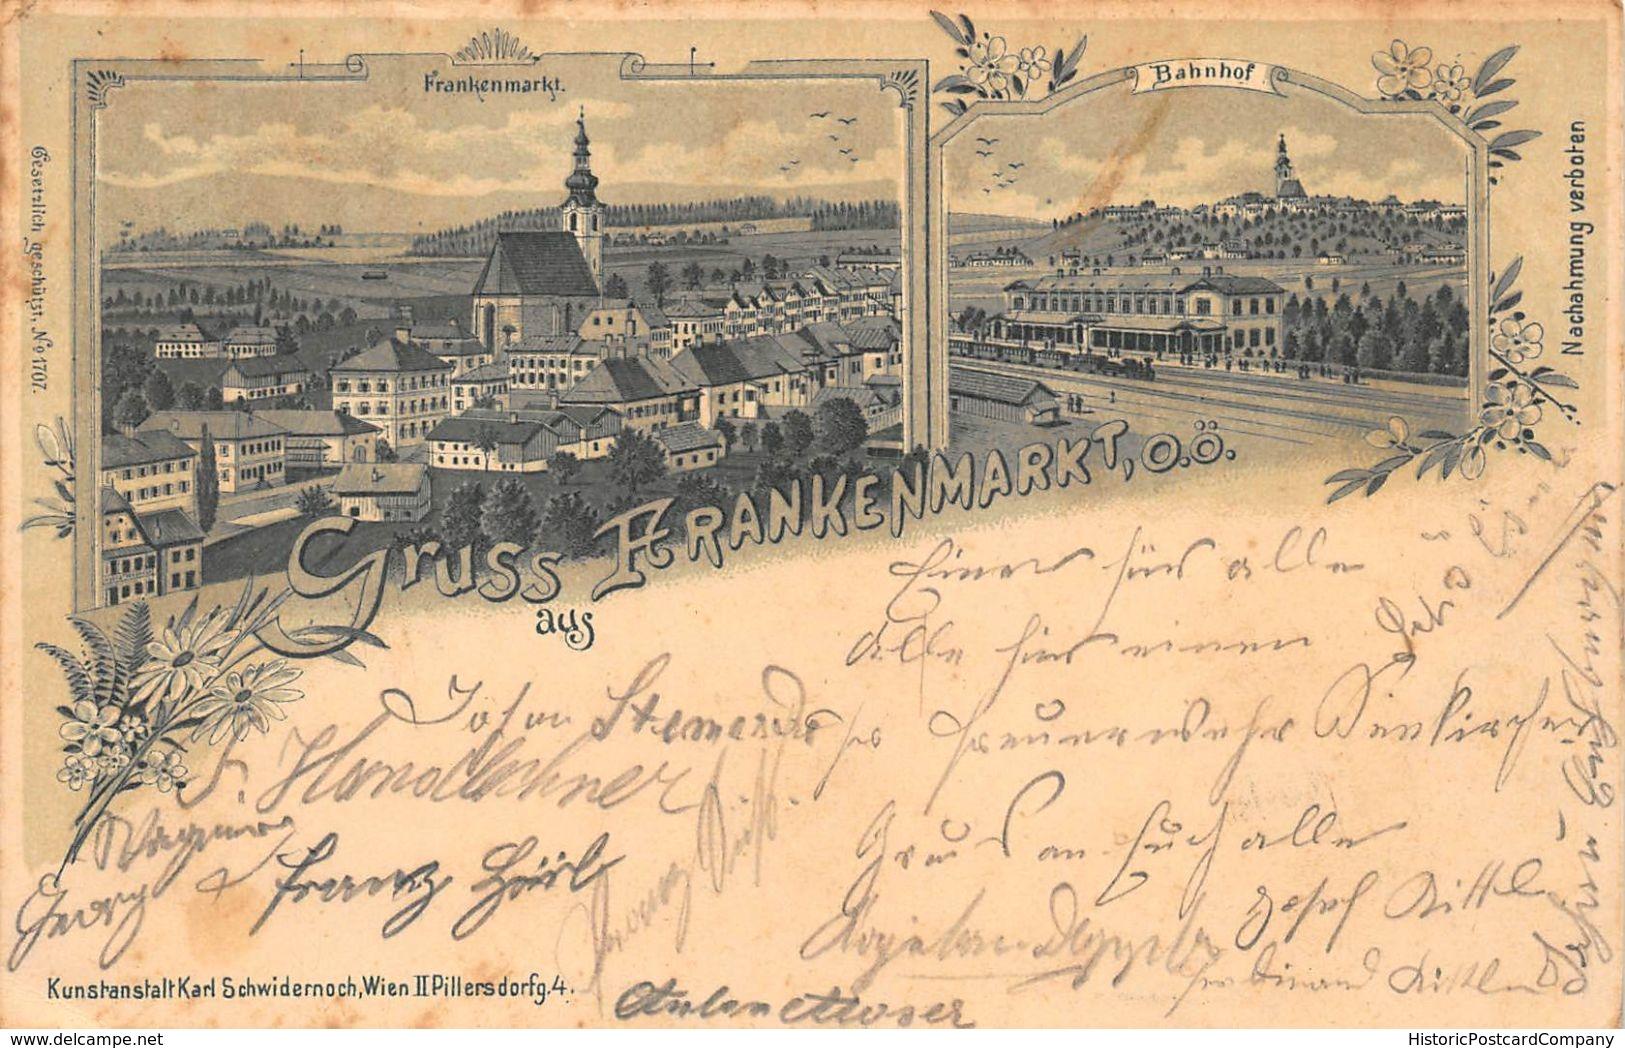 GRUSS Aus FRANKENMARKT AUSTRIA~PANORAMA + BAHNHOF~KARL SCHWIDERNOCH 1899 PHOTO POSTCARD 48066 - Otros